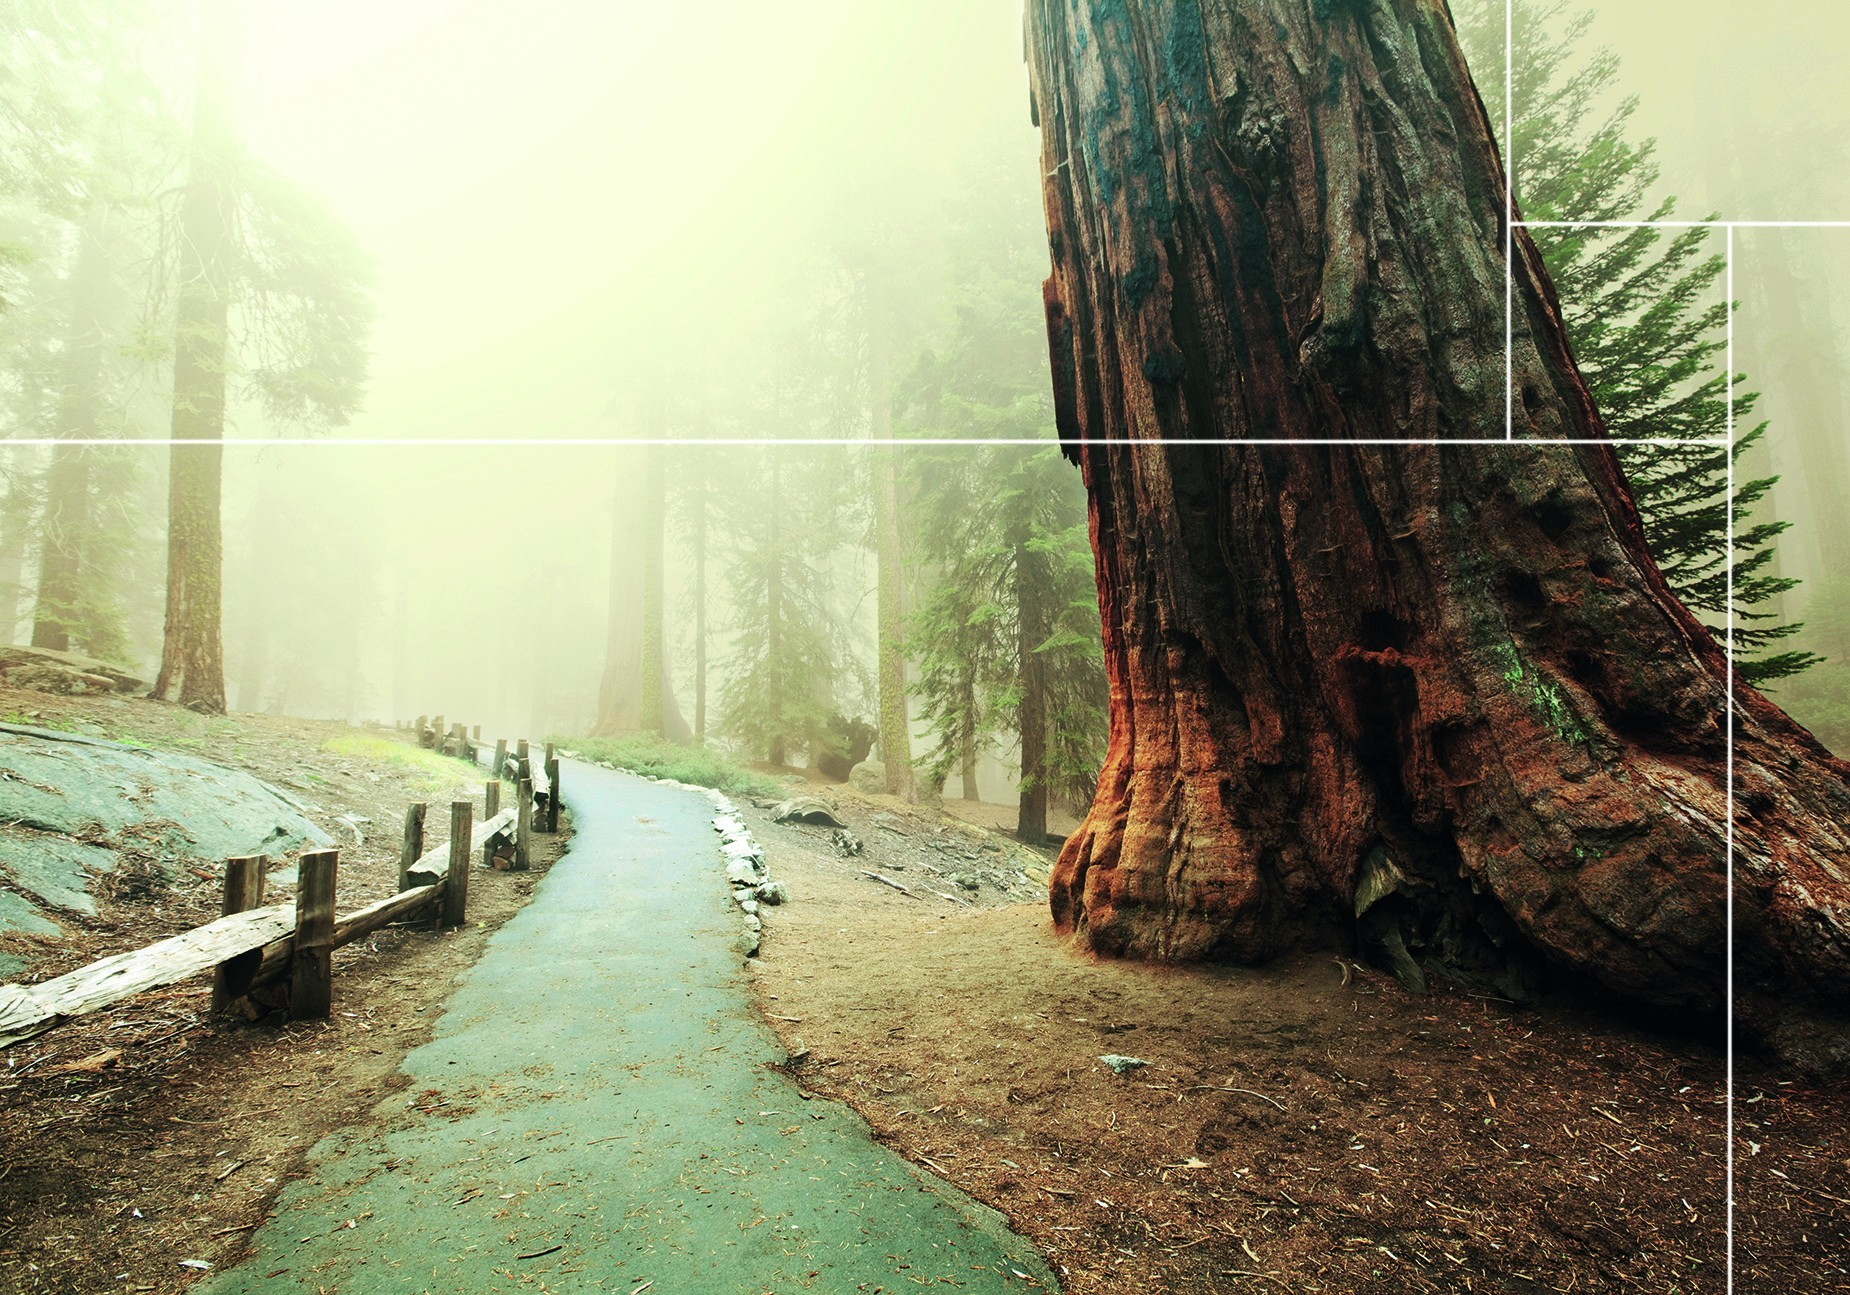 Bekijk hier de hout stalen van de Sequoia woods collectie |Nature@home